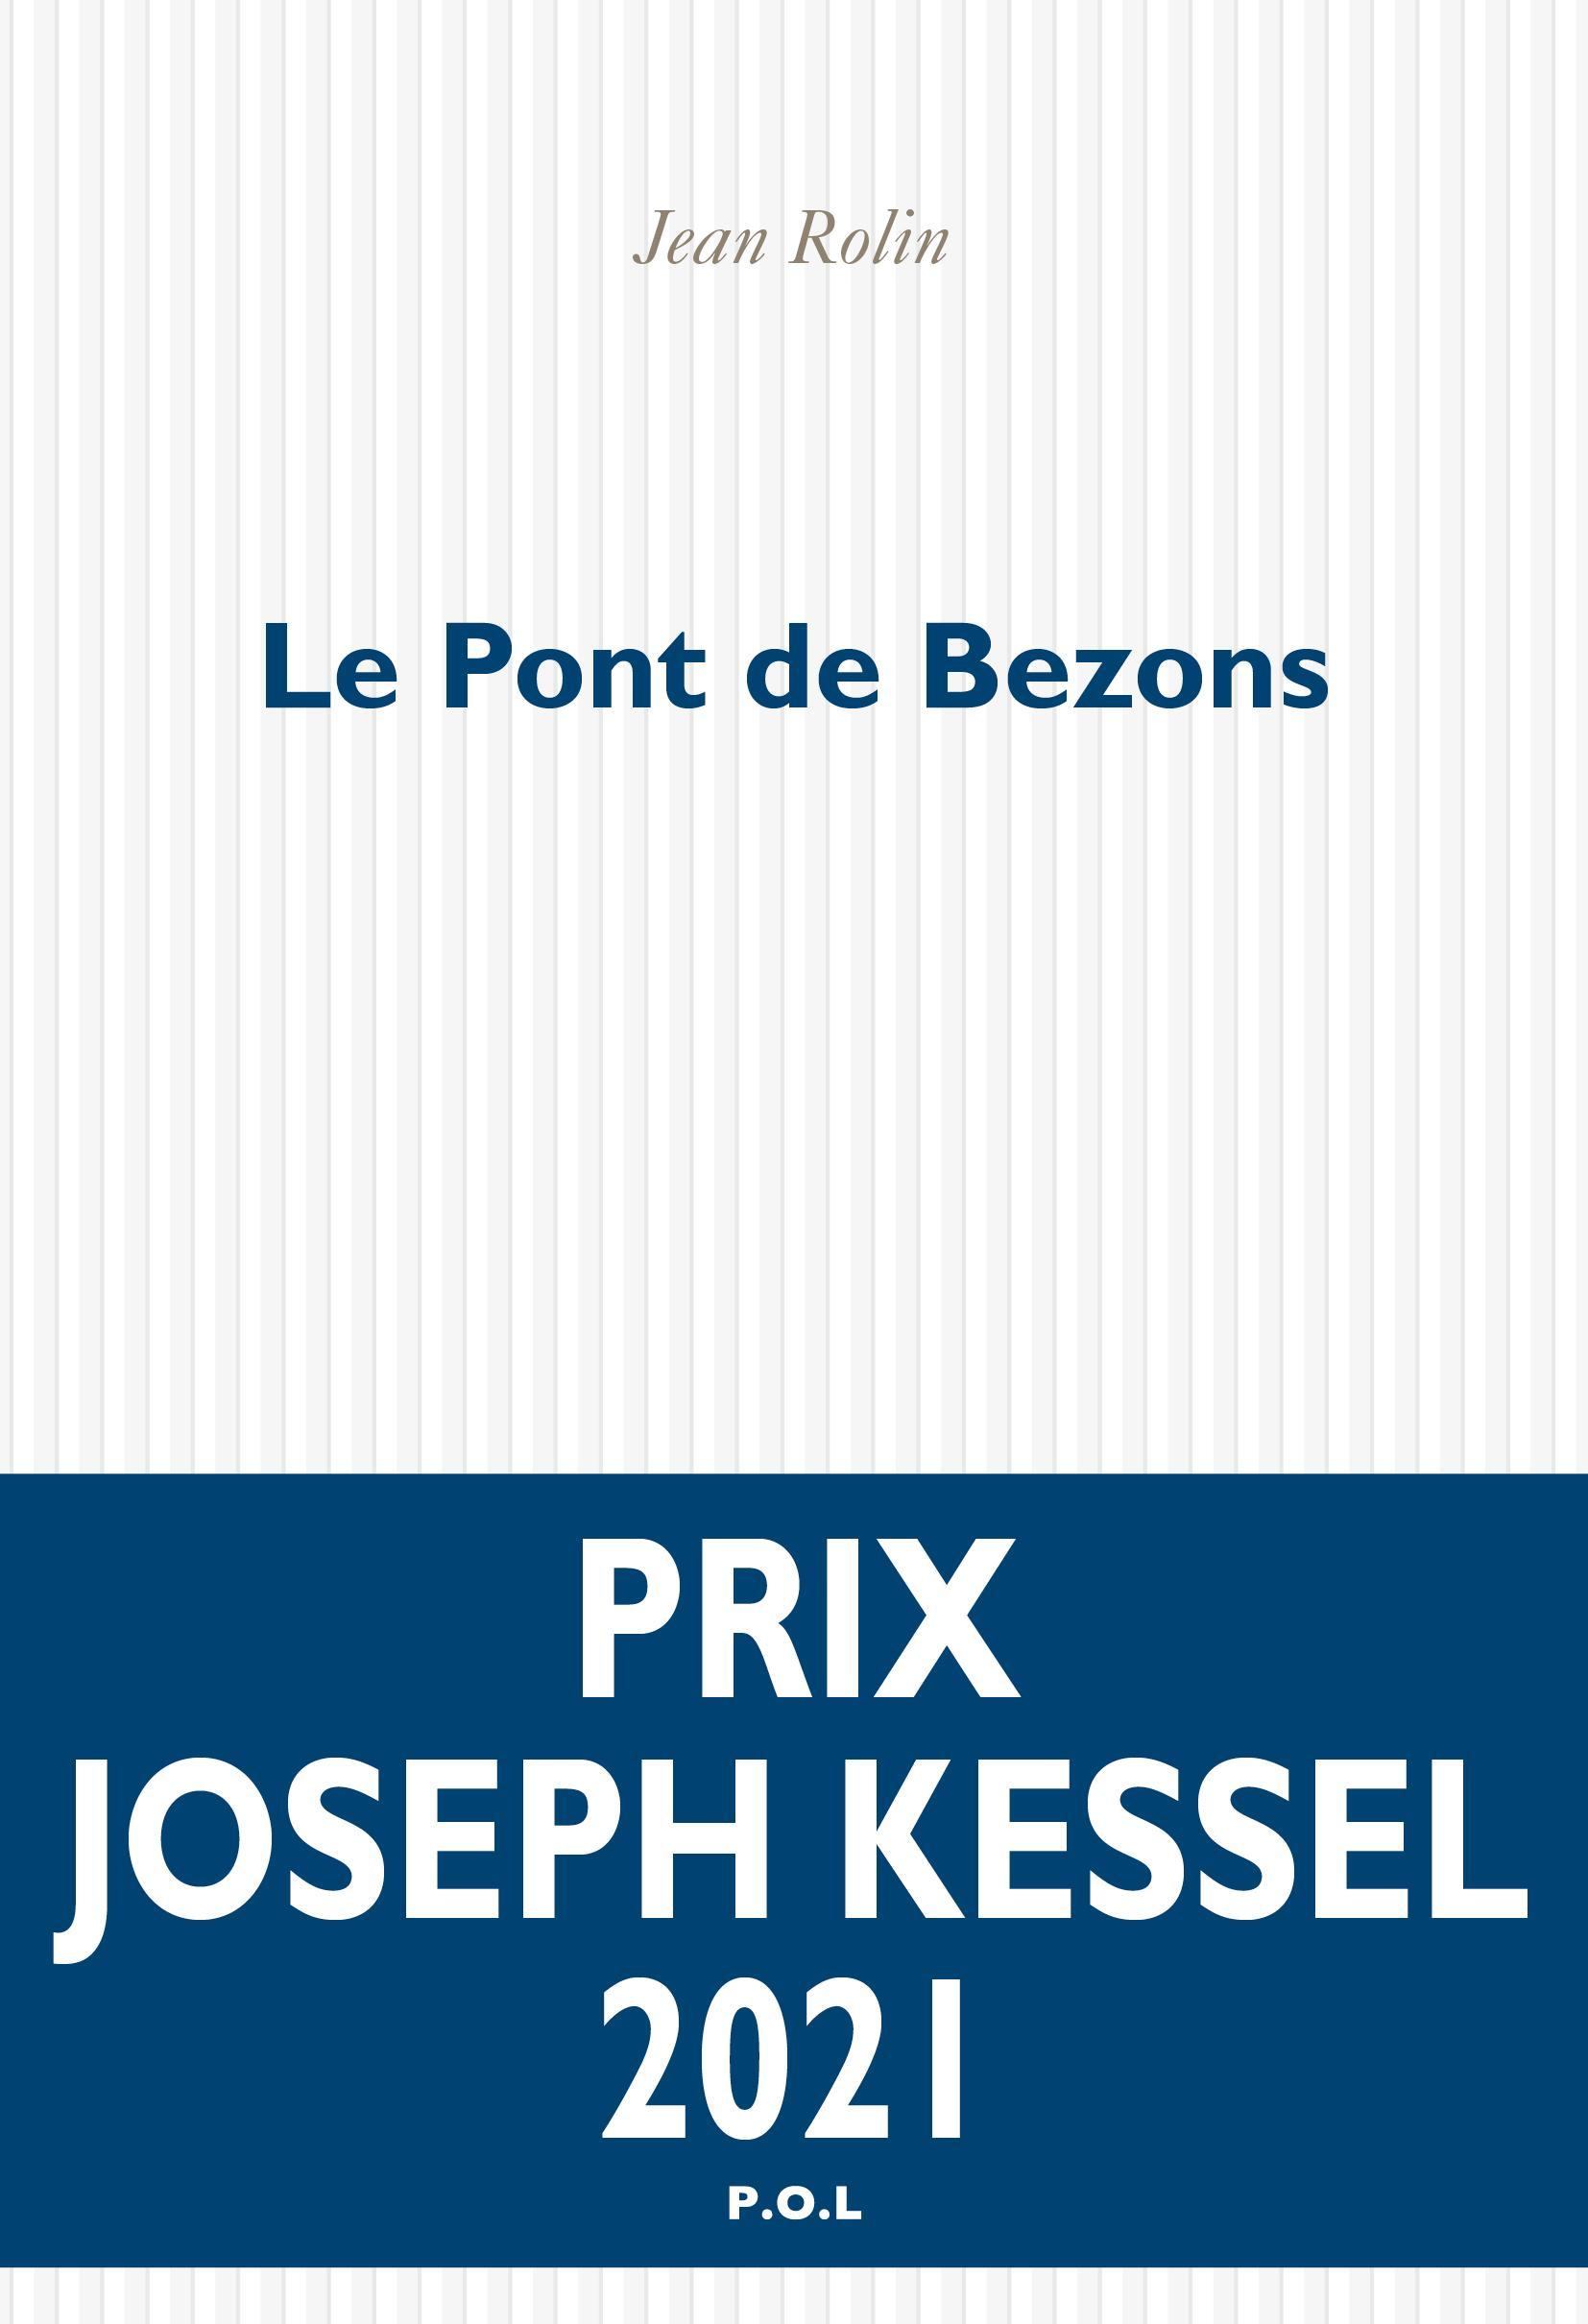 Le Pont de Bezons